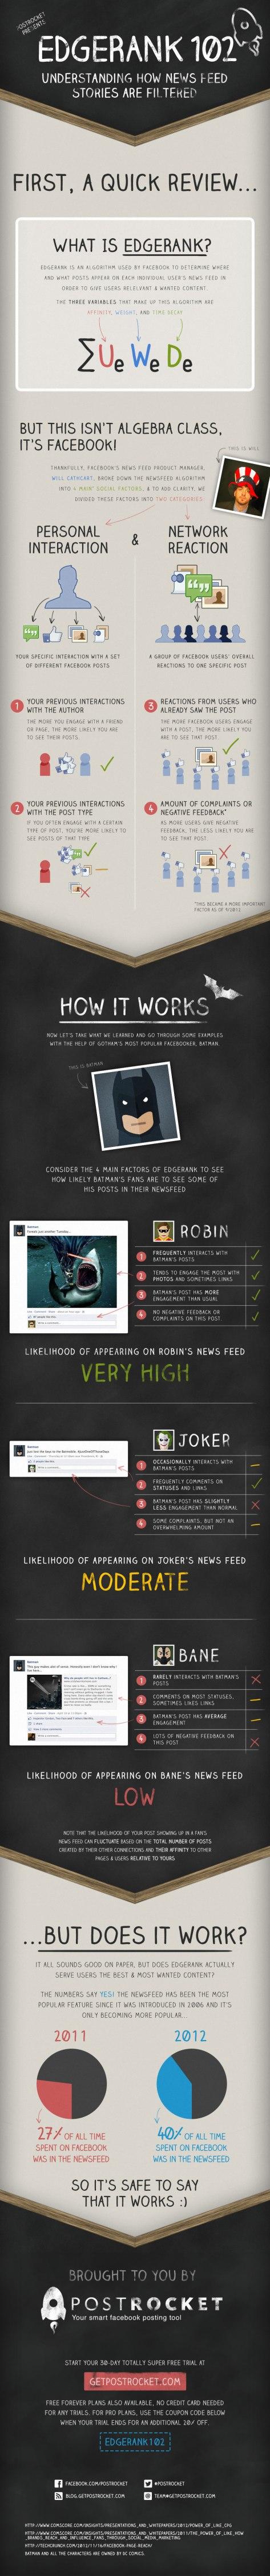 Der Facebook Newsfeed und der Edgerank